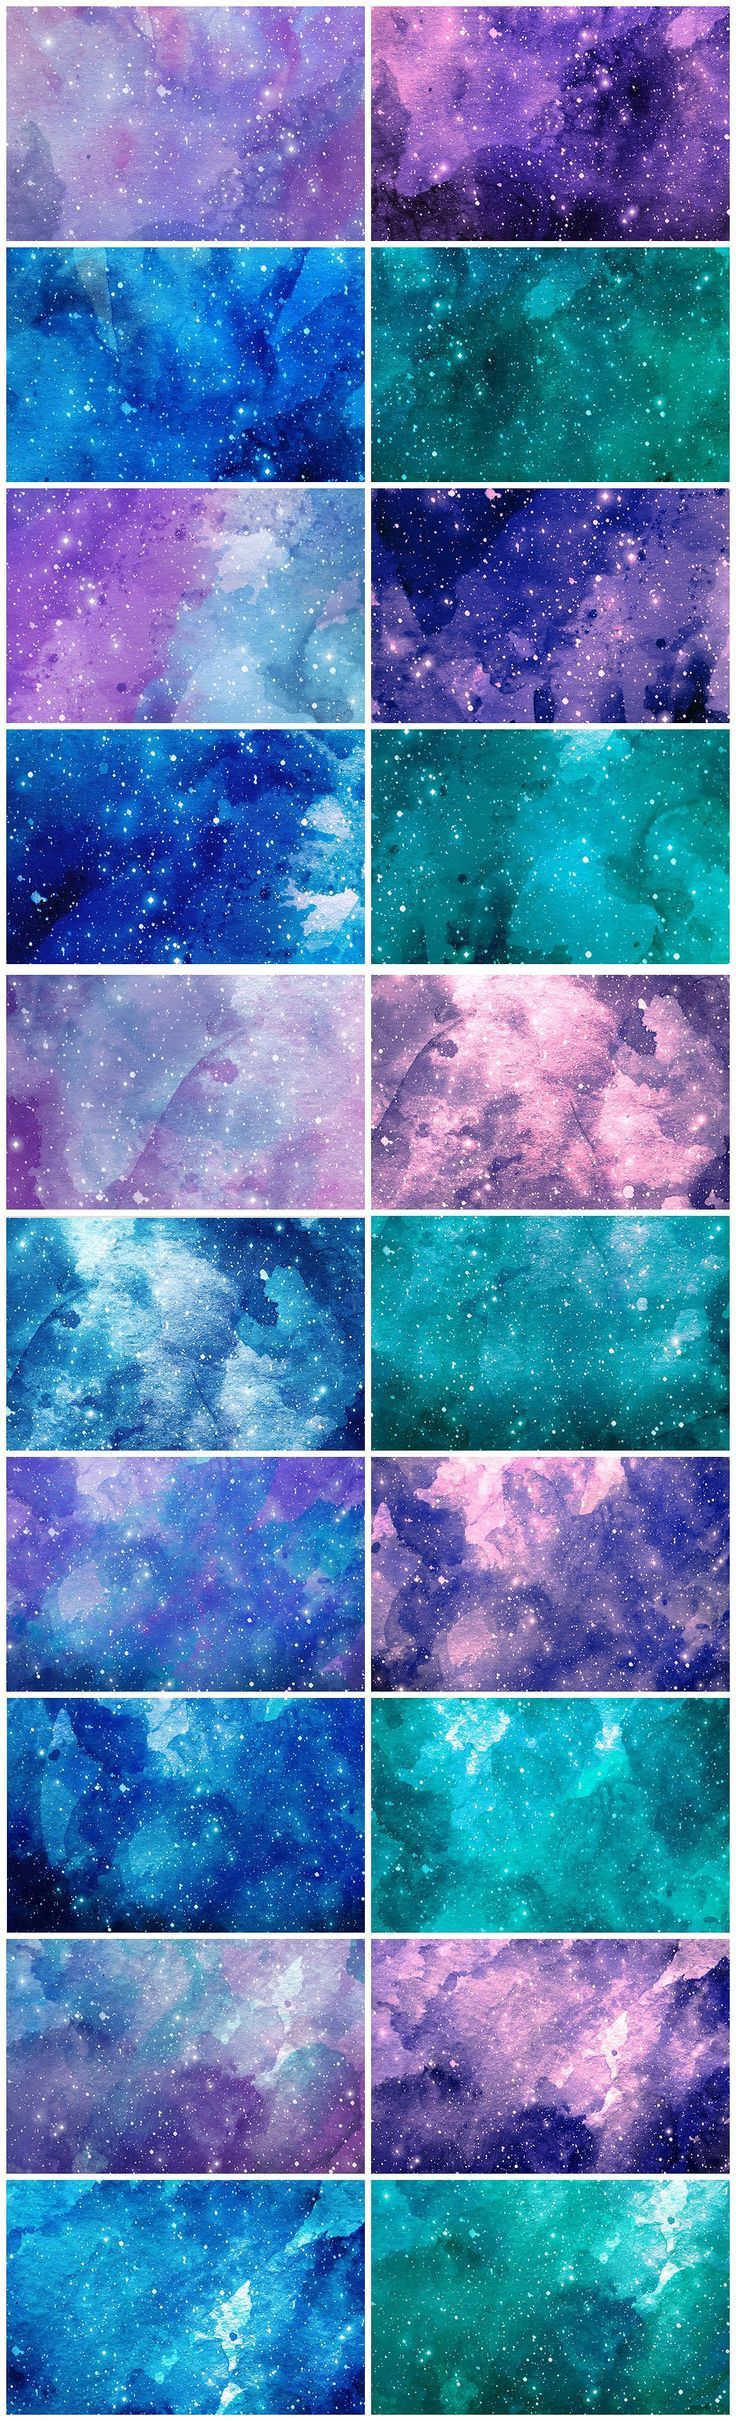 Texturas que se basan en colores monocromáticos, luces y sombras. Acuarelas saturadas y desaturadas. Reptición de elementos en las estrellas.